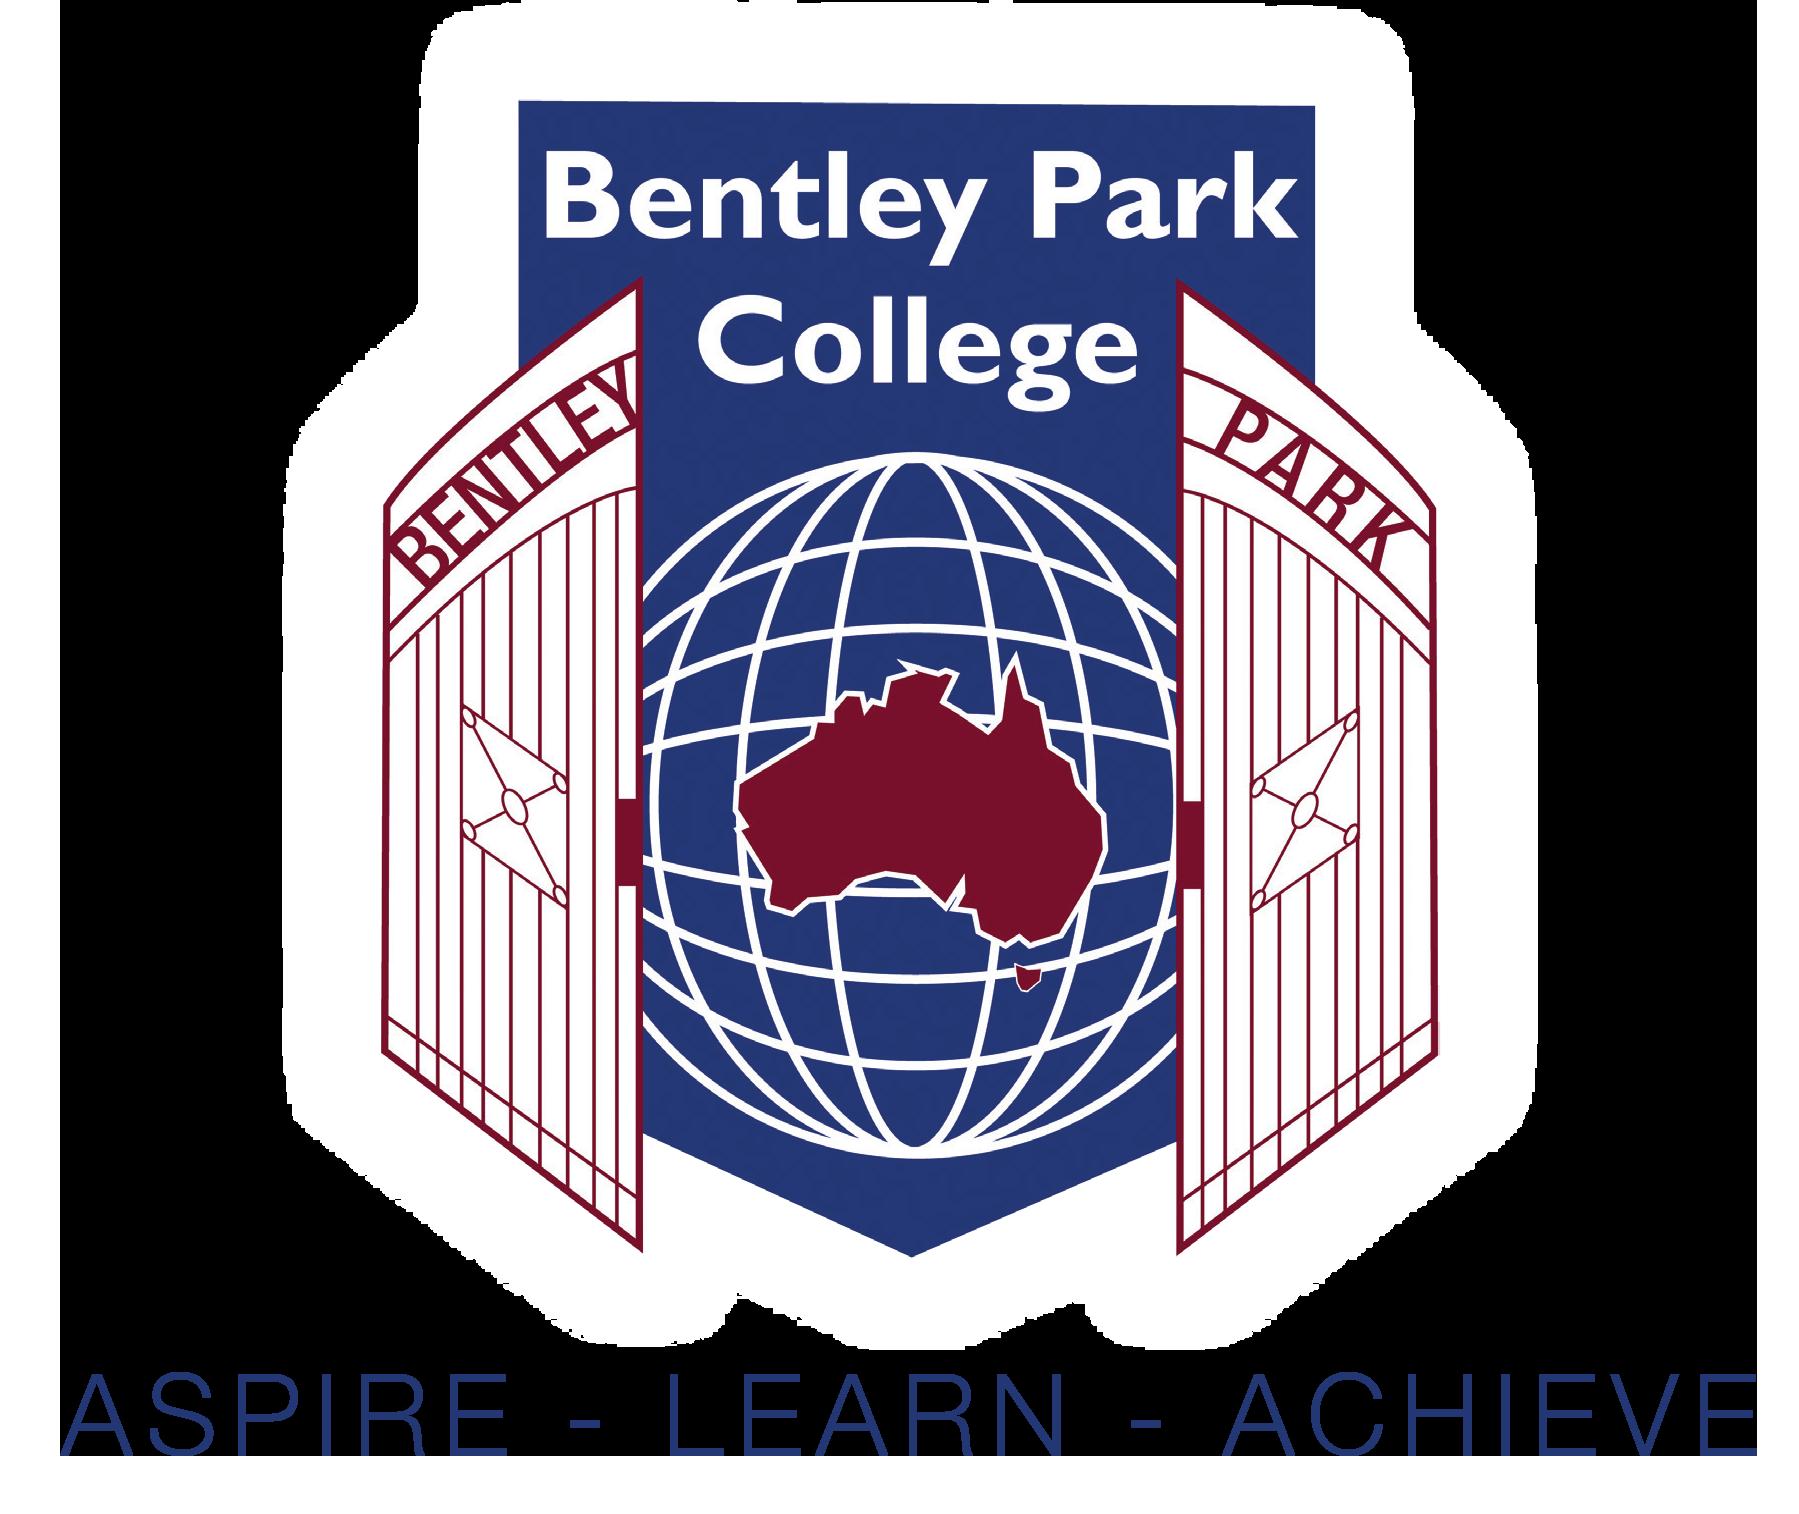 Bentley Park College